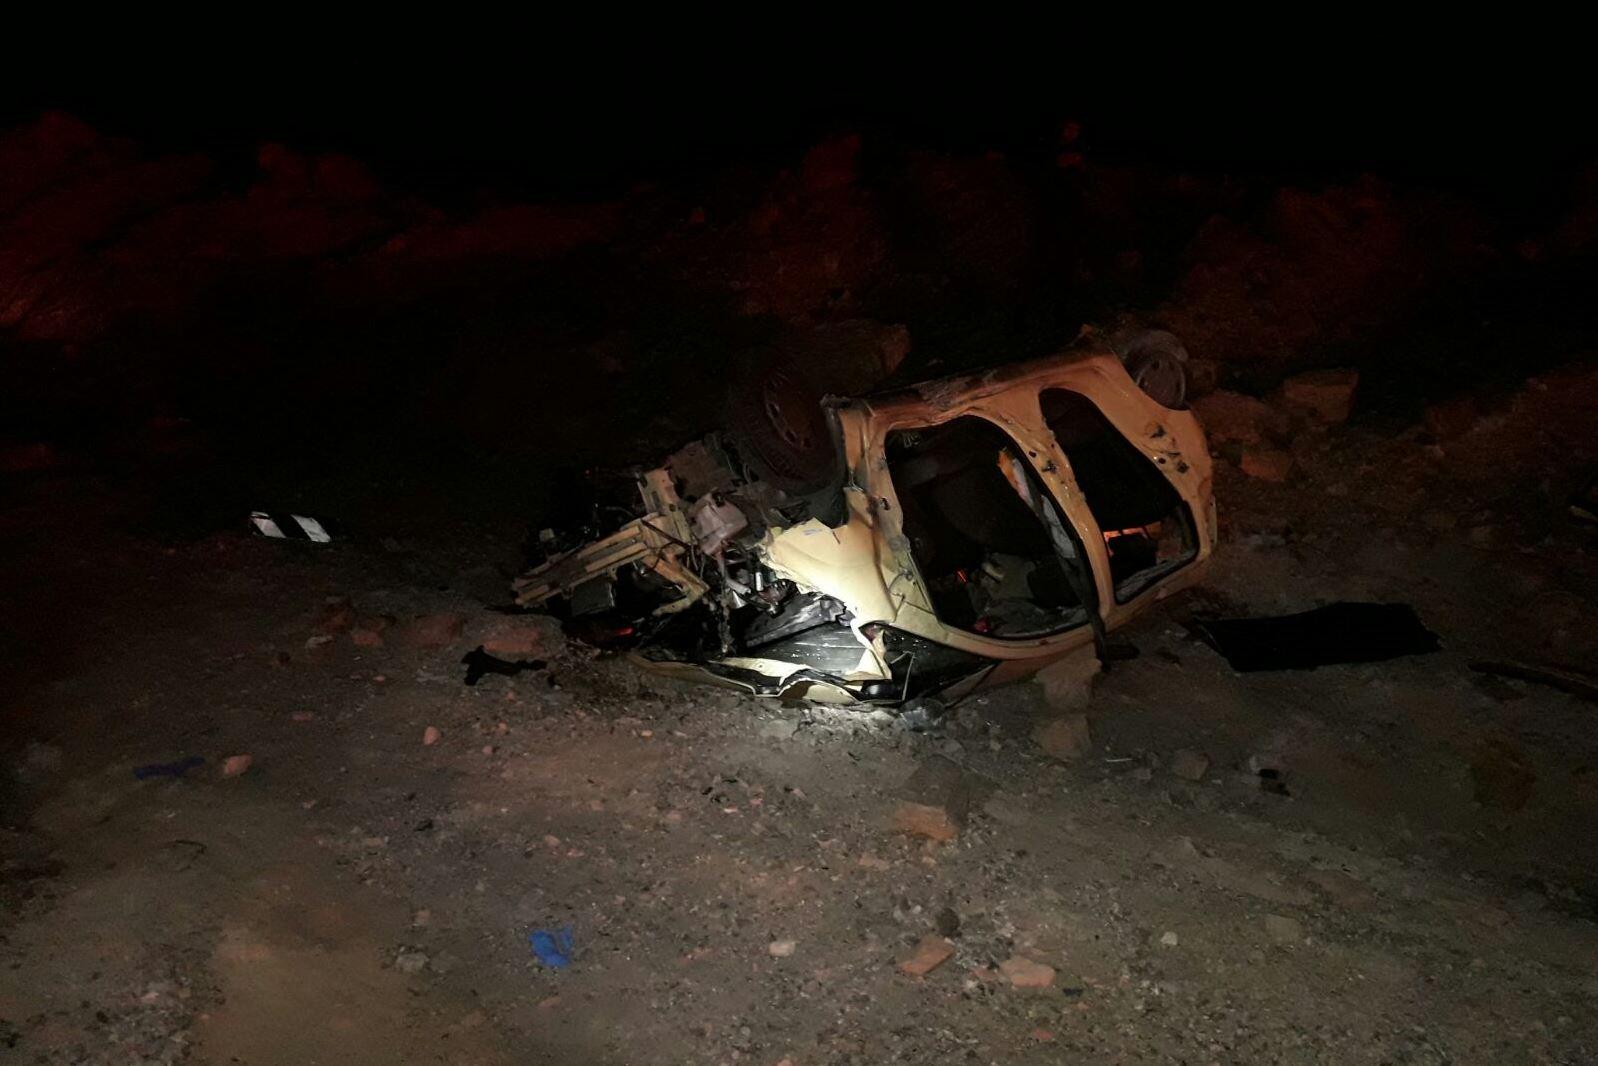 נער כבן 14 נהרג בתאונת דרכים בכביש 90 סמוך לקיבוץ יהל